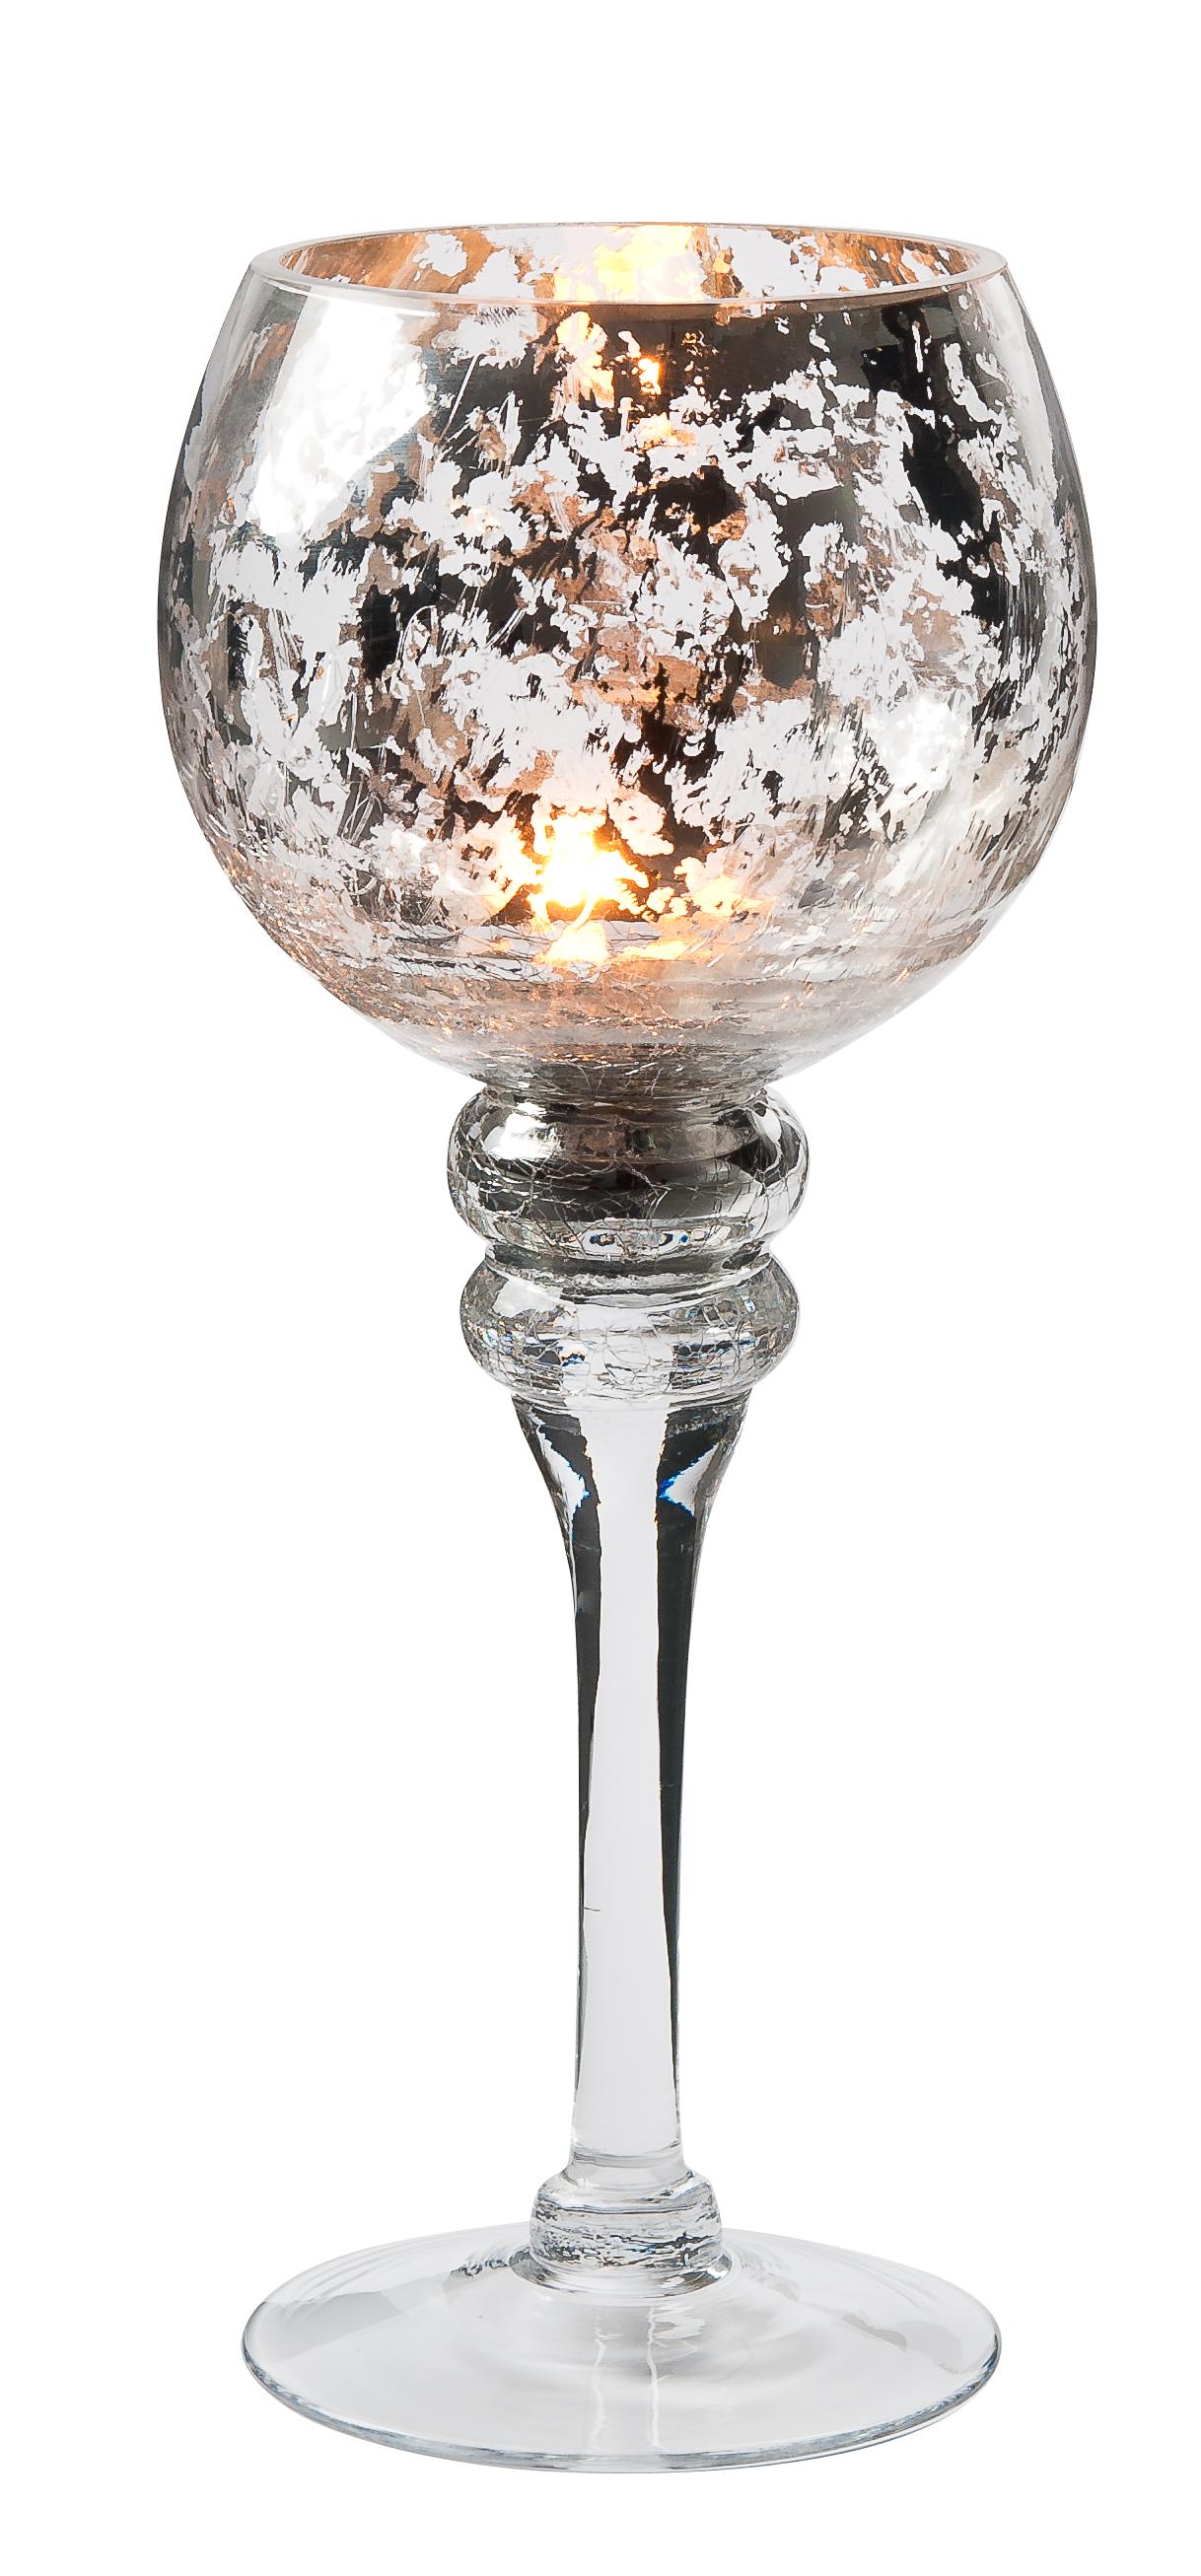 Ljuslykta glas silver mönster höjd 35 cm